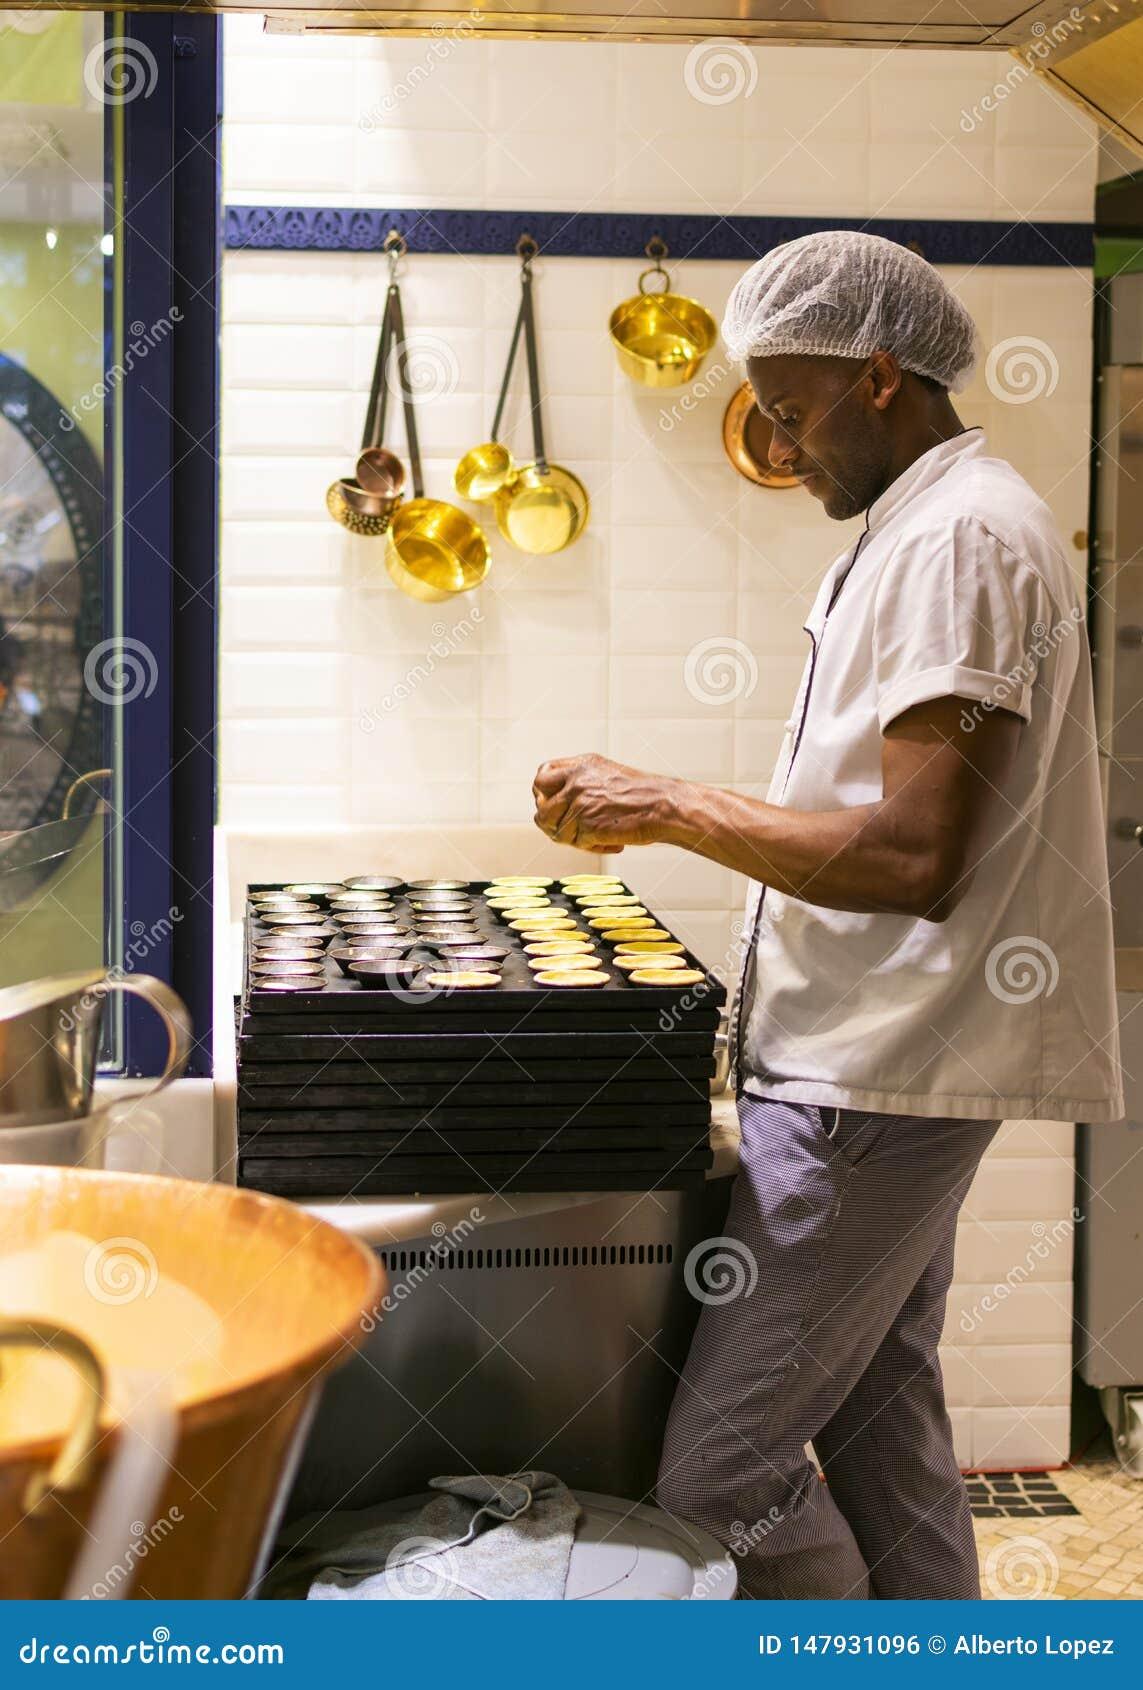 LISBONNE, PORTUGAL - 17 AVRIL 2019 : Le chef prépare les pâtisseries portugaises traditionnelles le Pastel de nata à Lisbonne